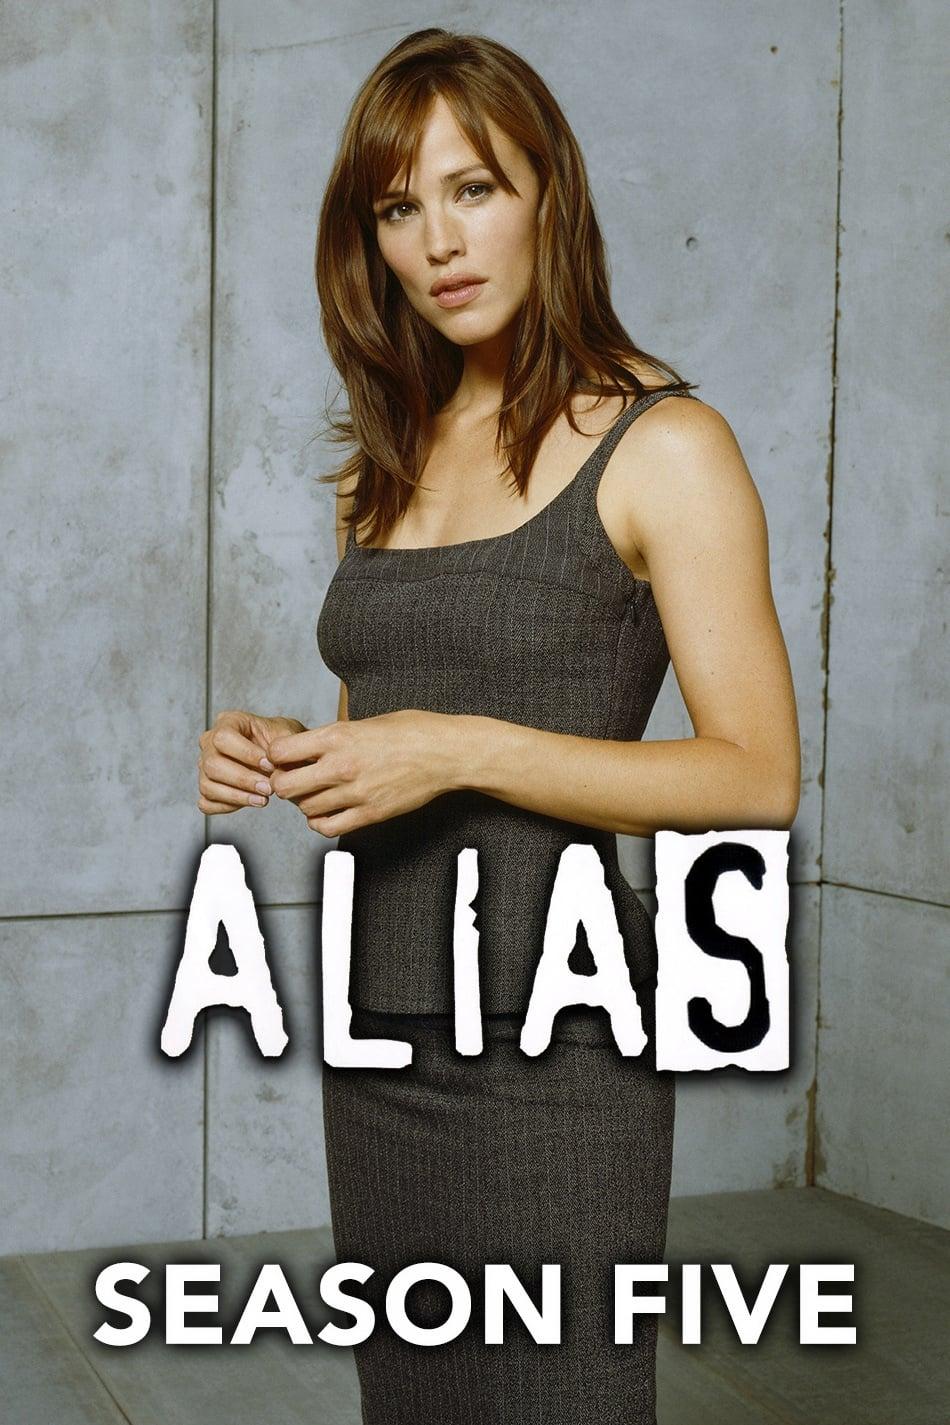 Alias Season 5